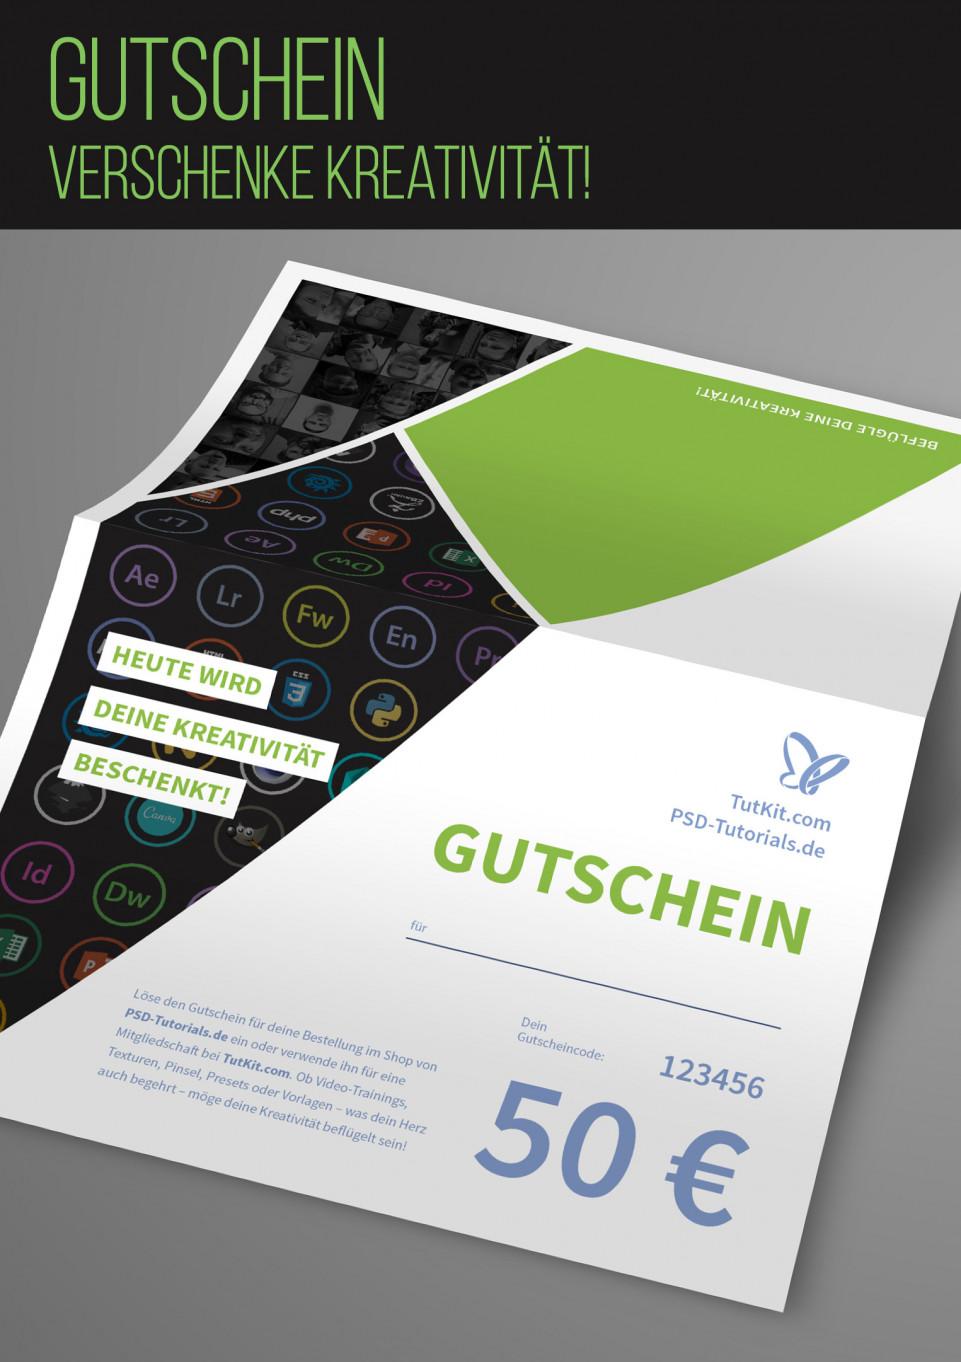 Gutschein – verschenke Kreativität! - PSD-Tutorials.de Shop